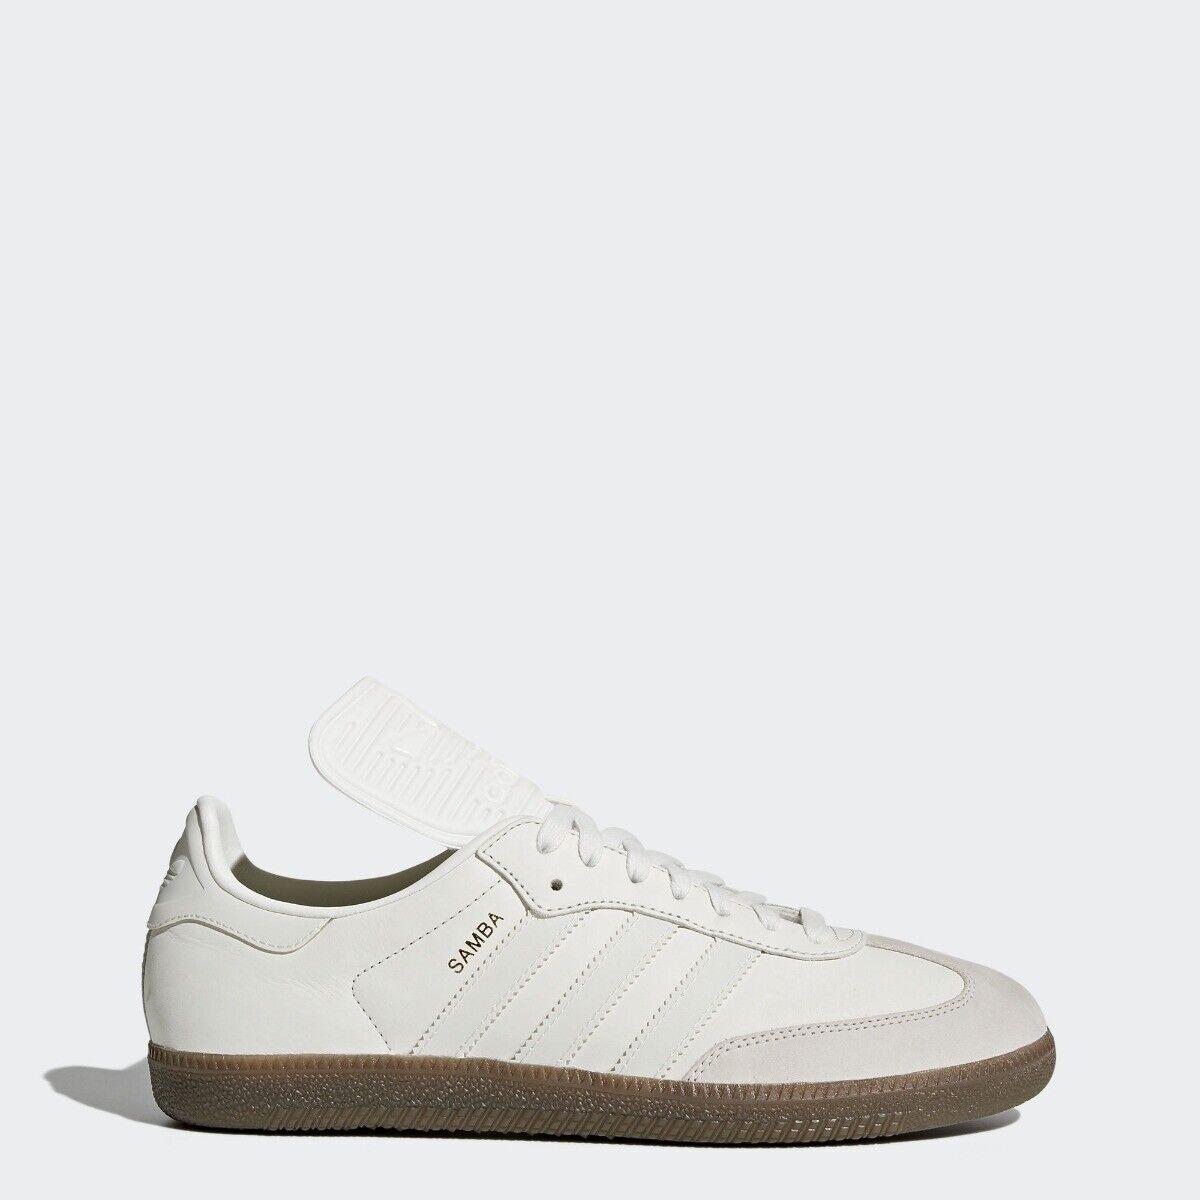 size 6 adidas samba